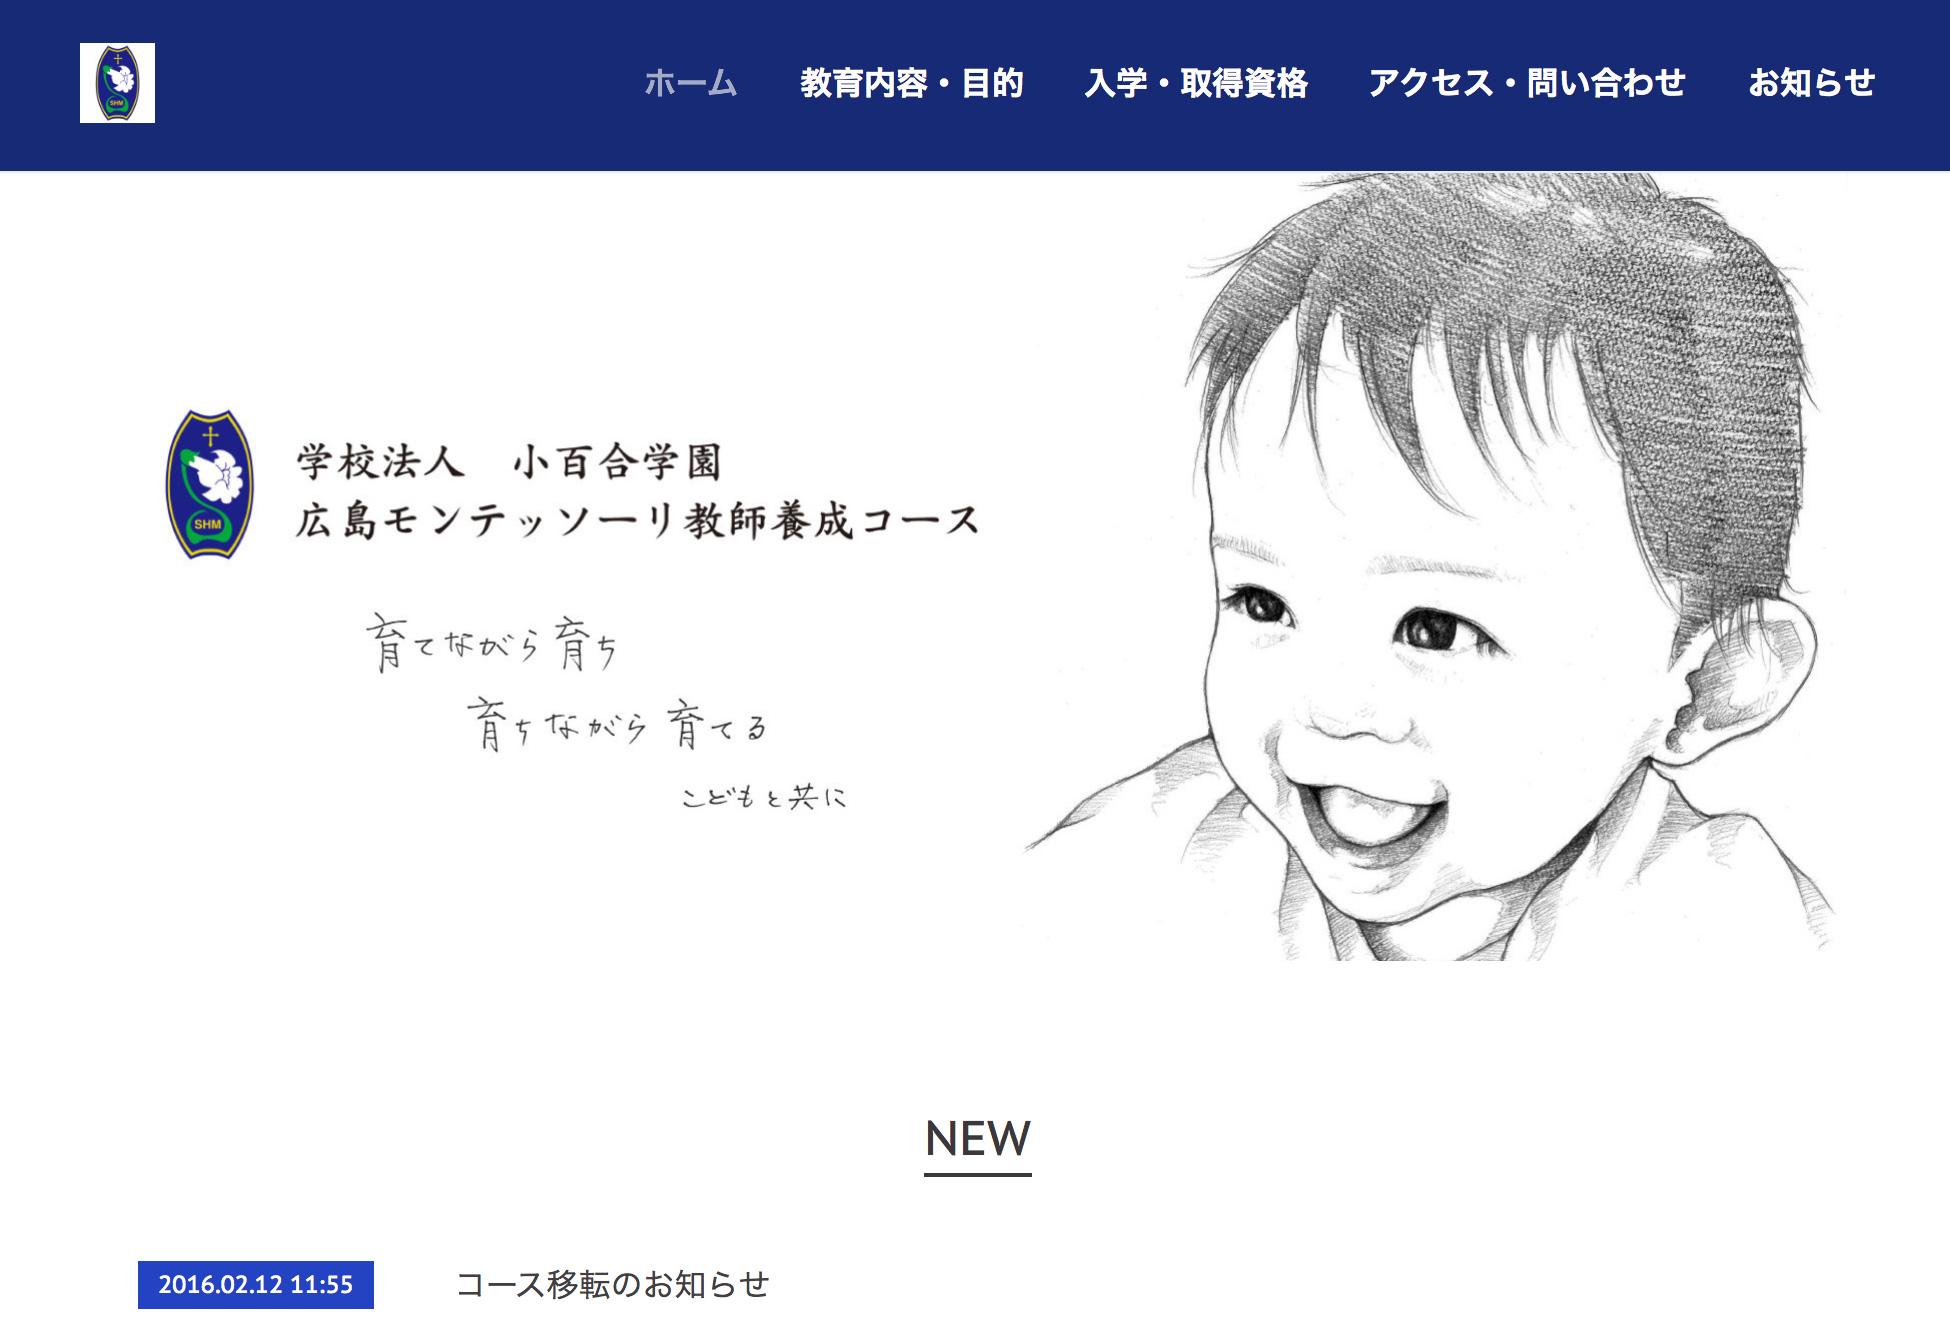 広島モンテッソーリ教師養成コースのホームページ